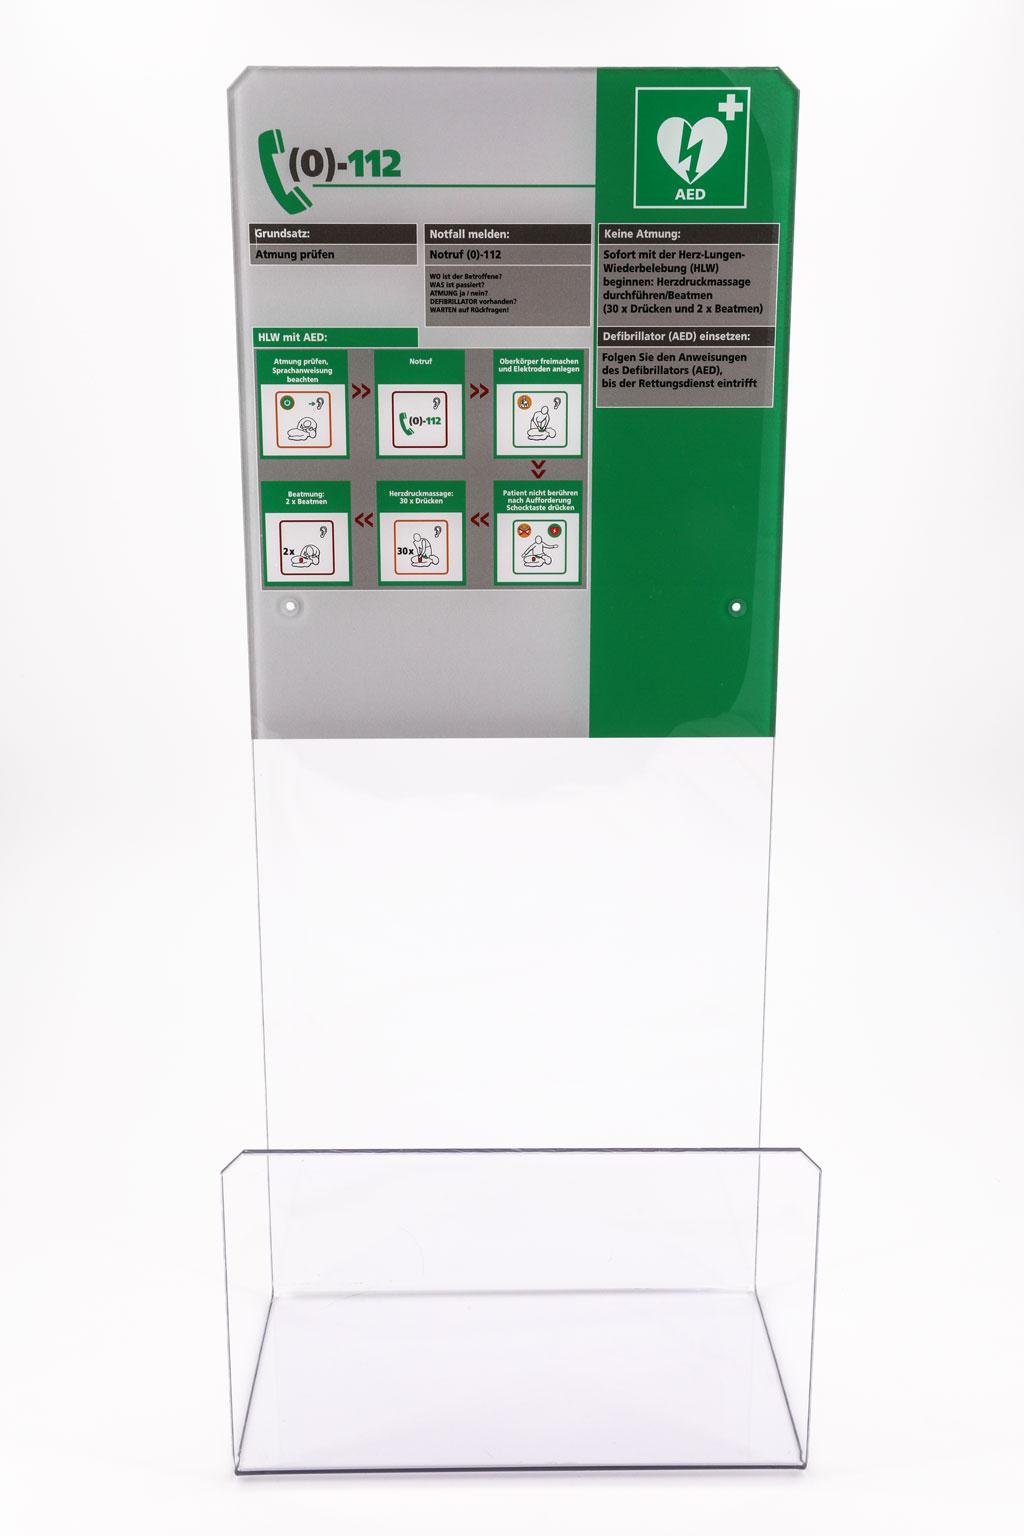 Design-Acrylglaswinkel mit Erste-Hilfe-Tafel (DGUV) für alle Defibrillator Marken